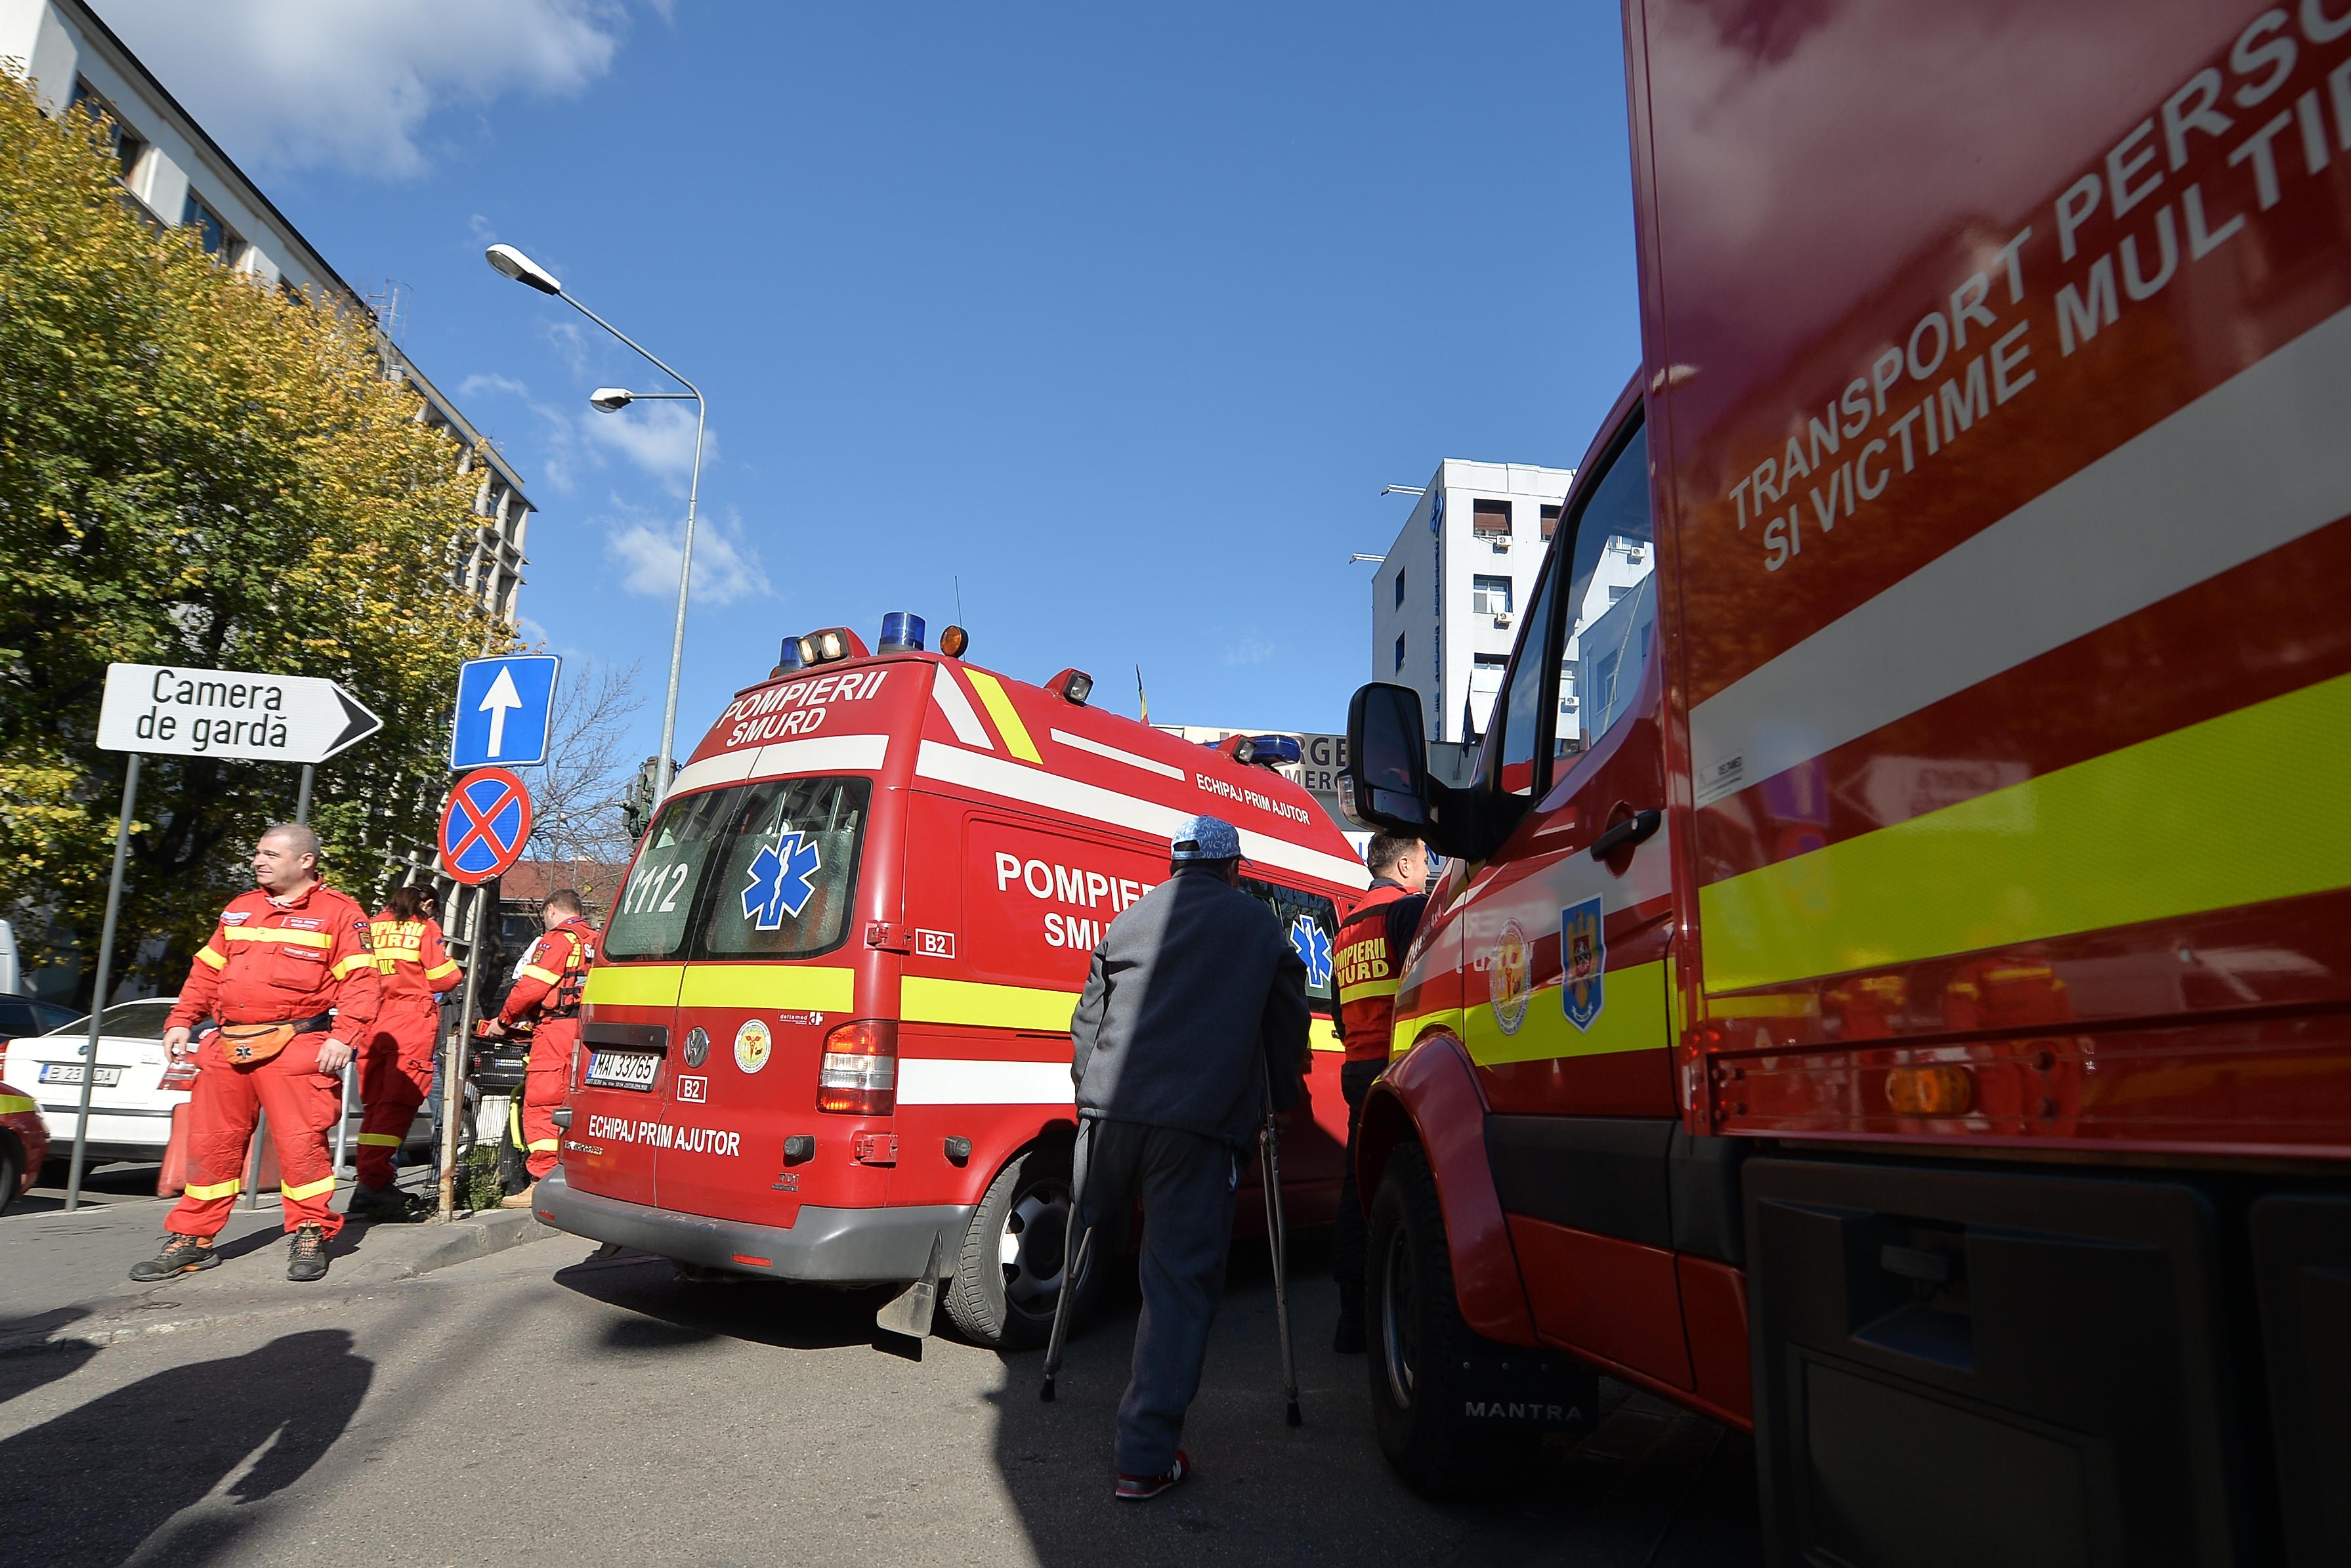 VIDEO | Proteste ale angajaţilor Ambulanţei în mai multe judeţe din ţară faţă de scăderea veniturilor/ Sirenele ambulanţelor au sunat timp de MINUTE bune